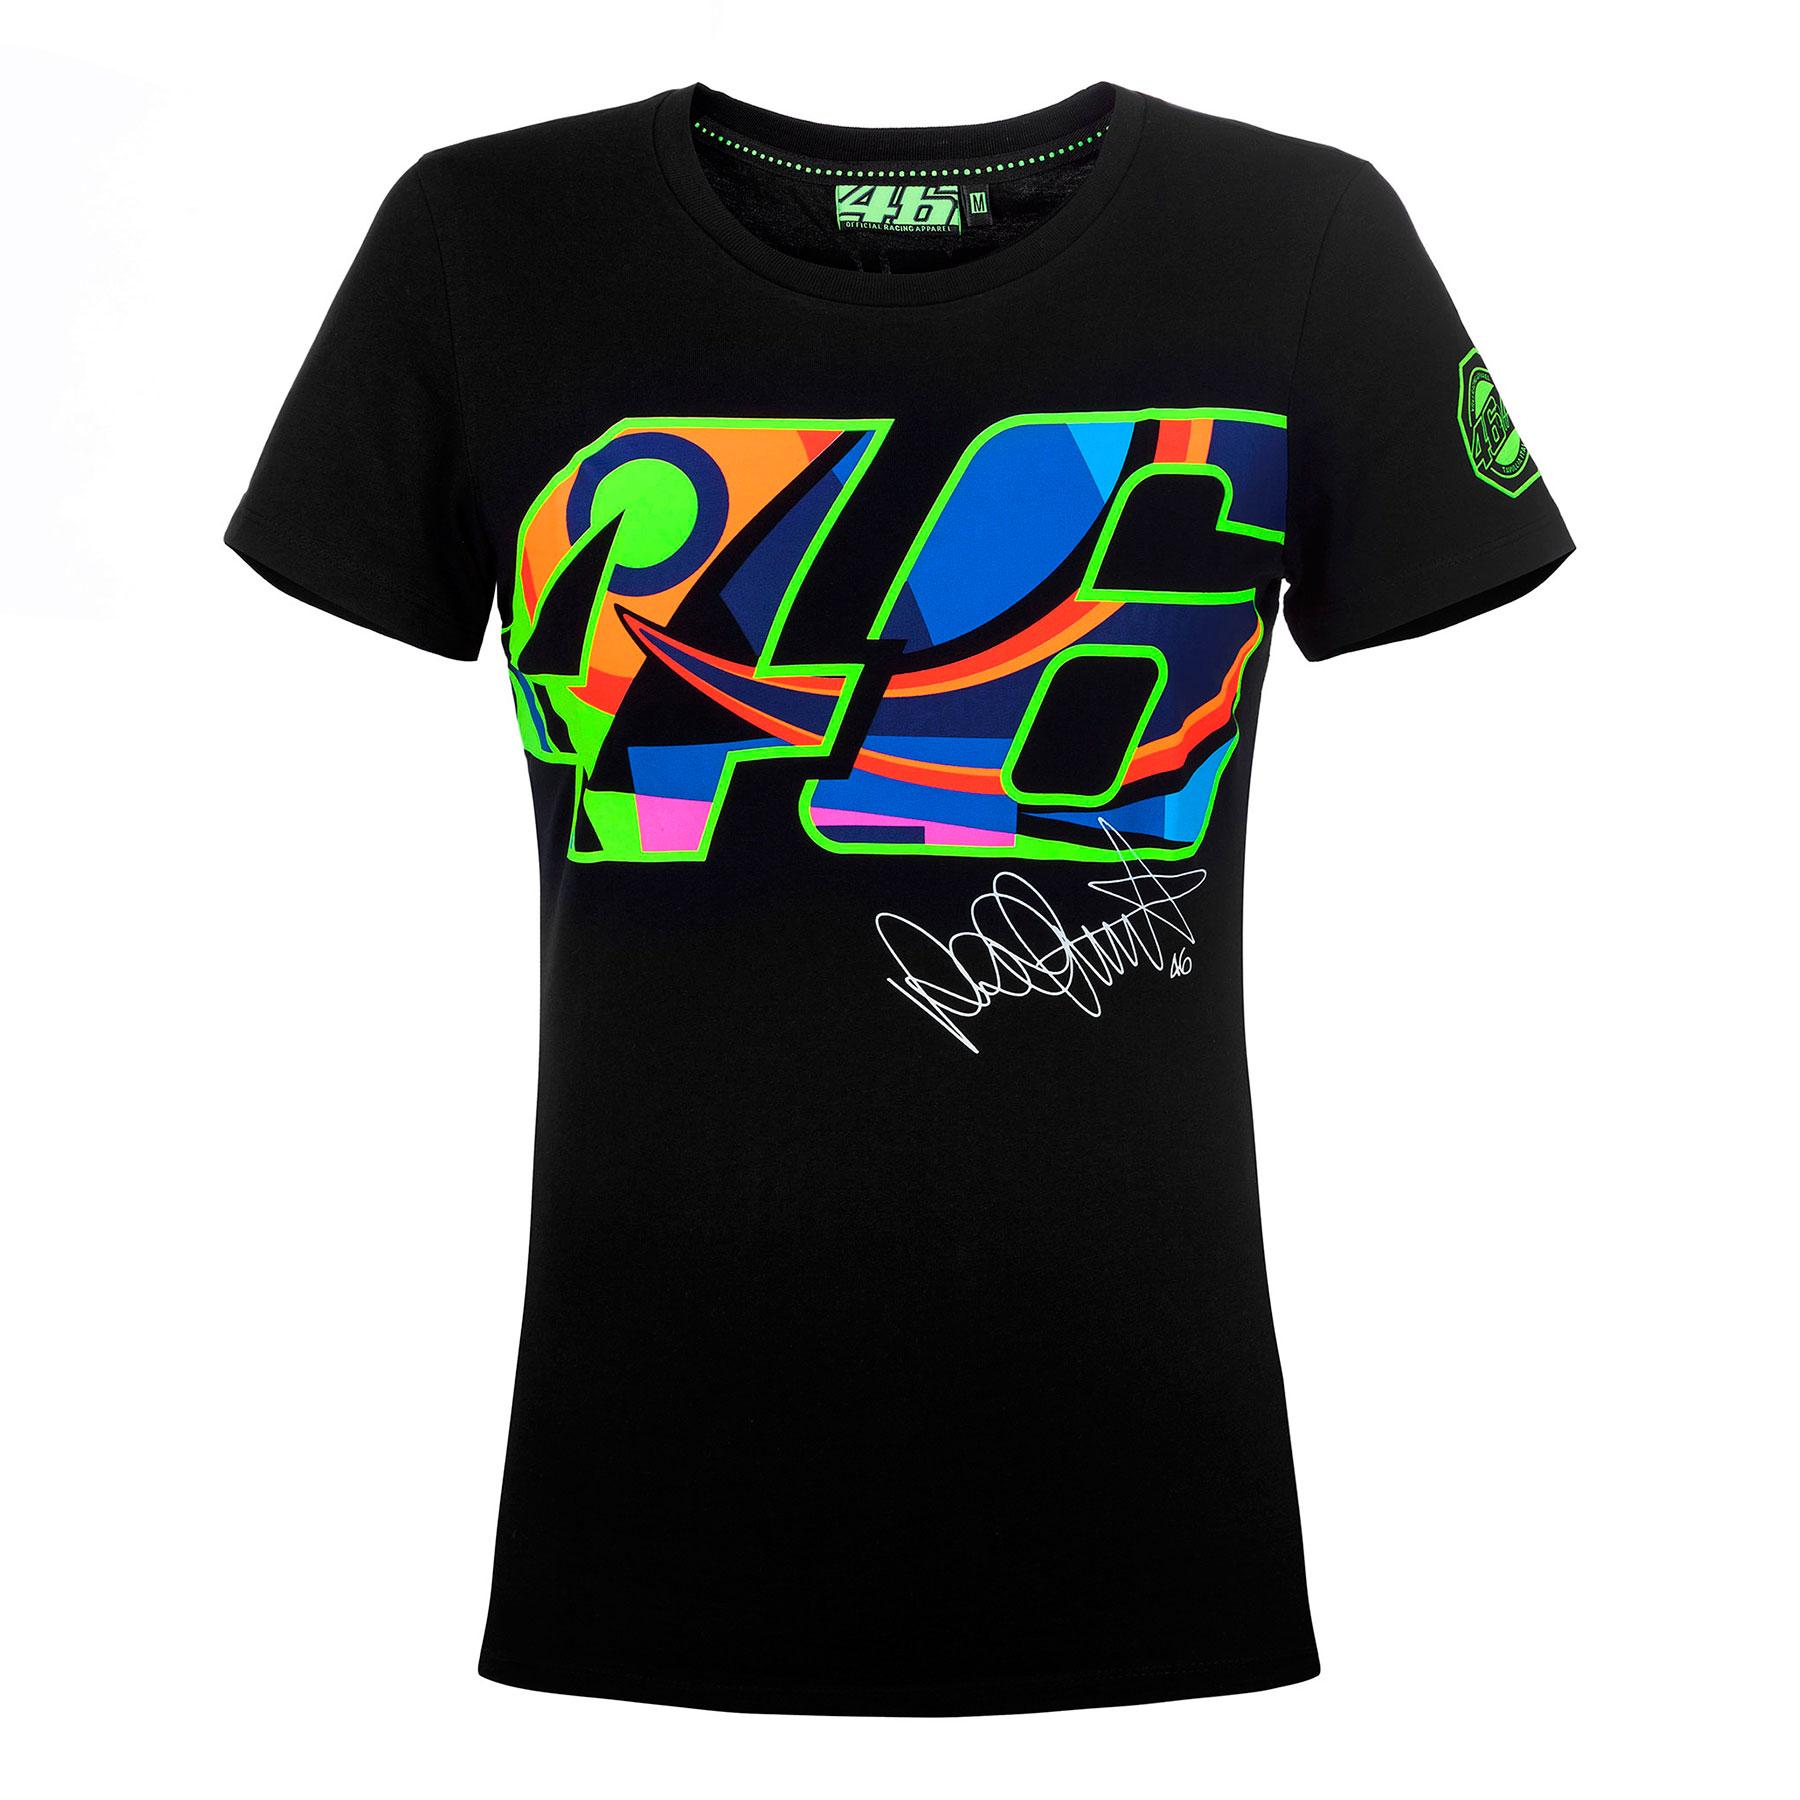 9300e77993 Camiseta Valentino Rossi Mujer 46 Negra 2017 en Motorbike Store